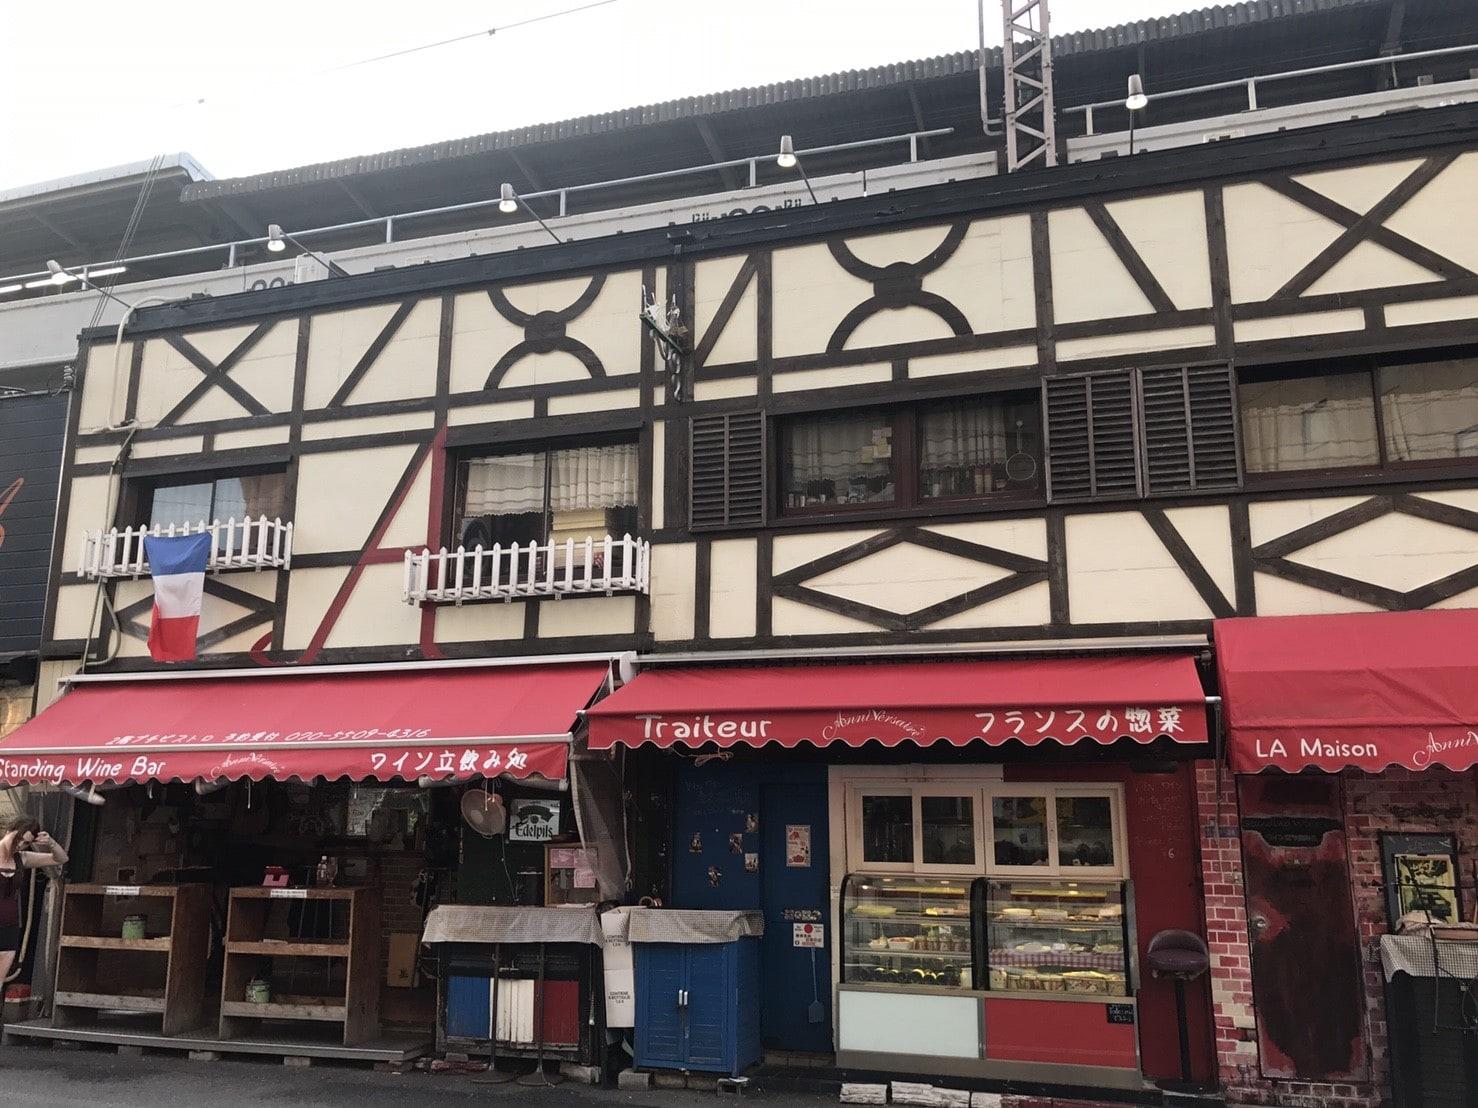 フランス料理やワインのお店